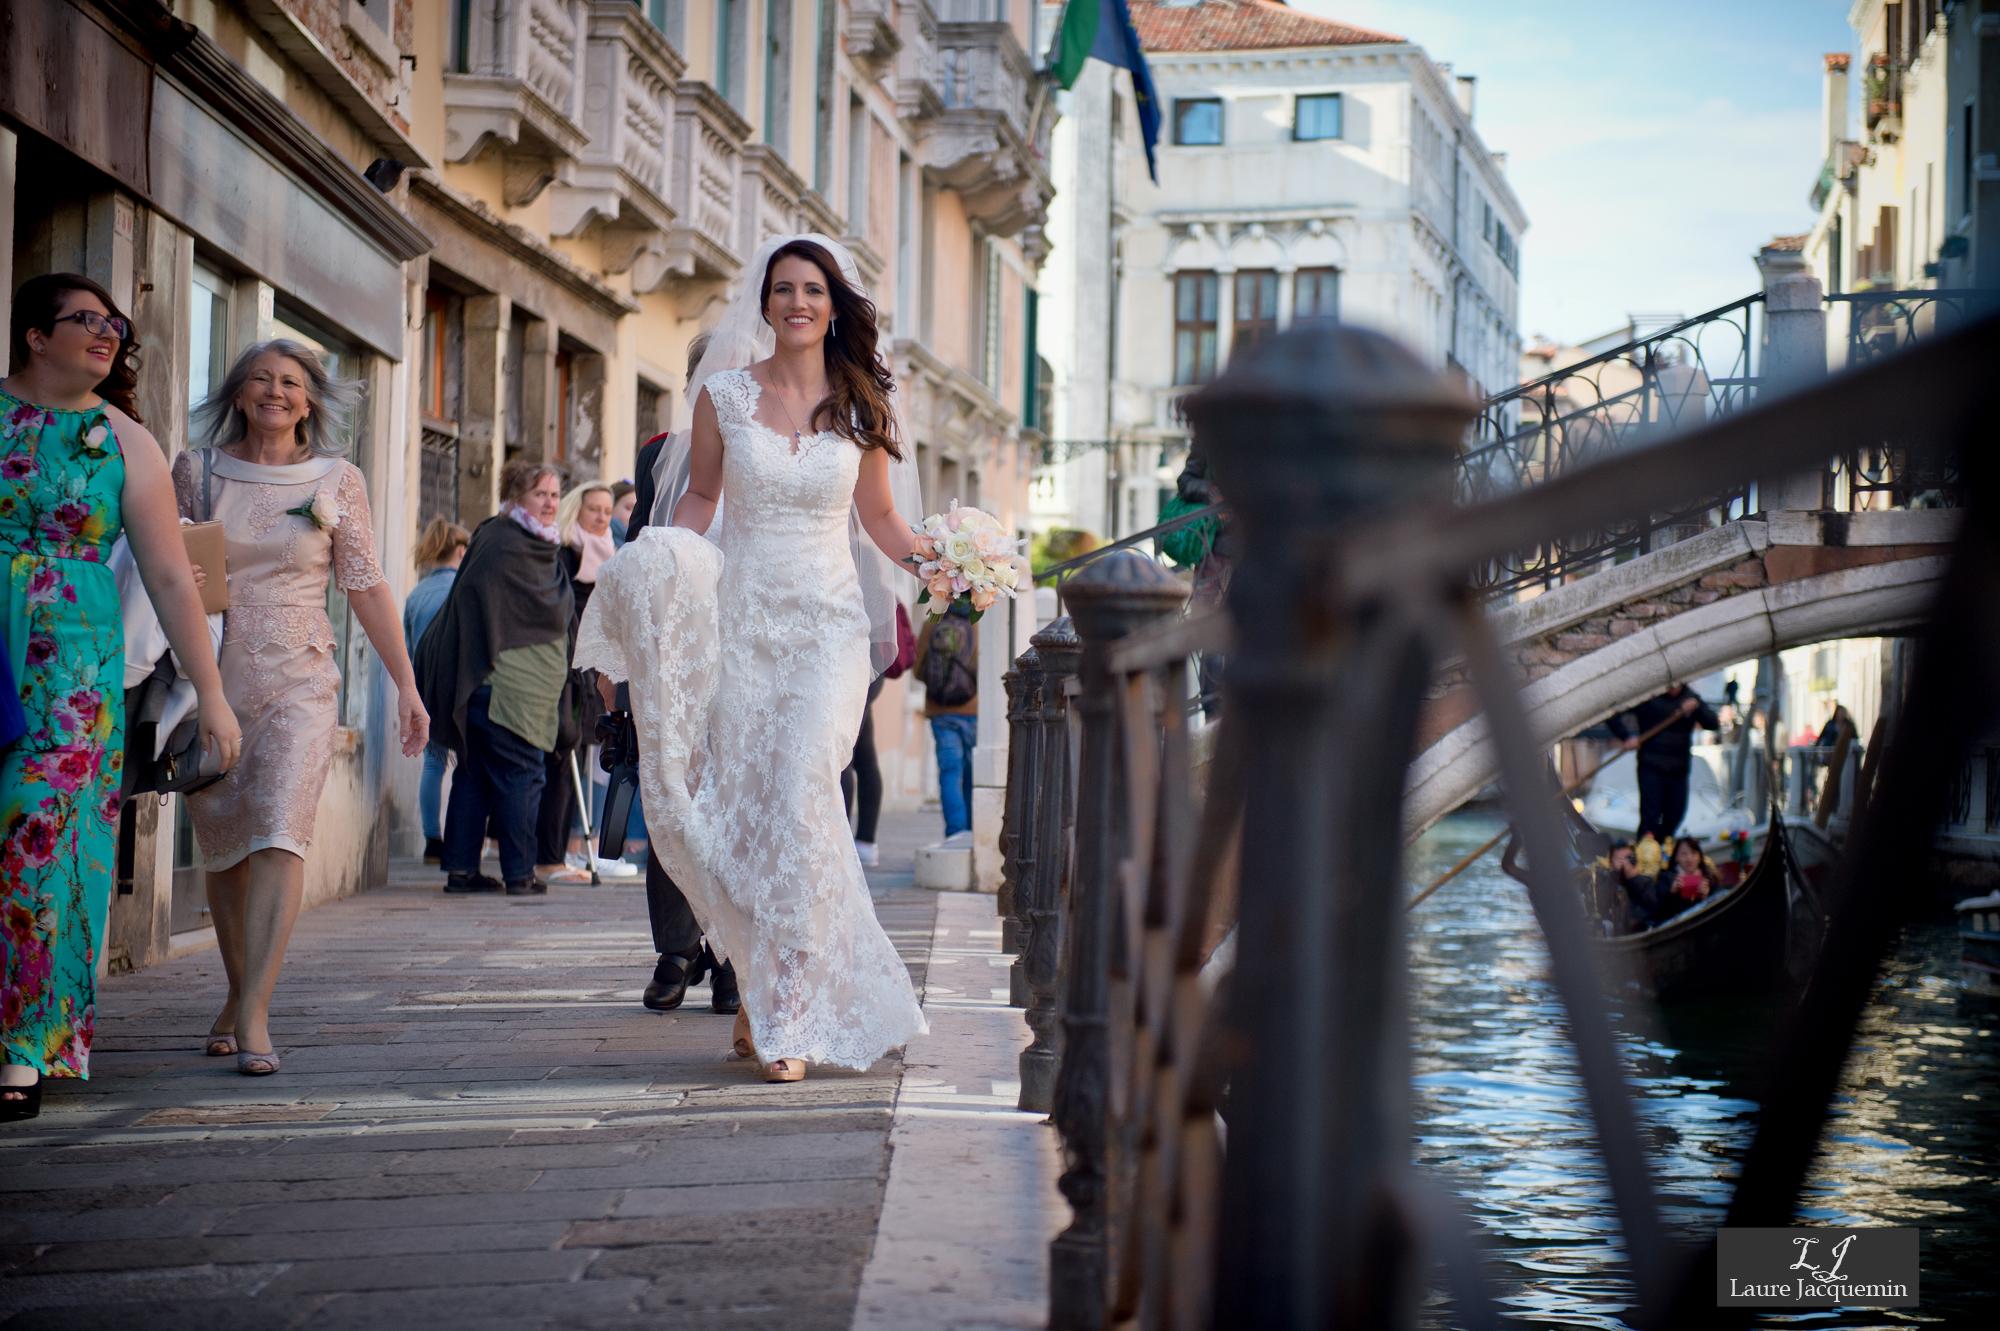 photographe mariage laure jacquemin palazzo cavalli service photographique (3)